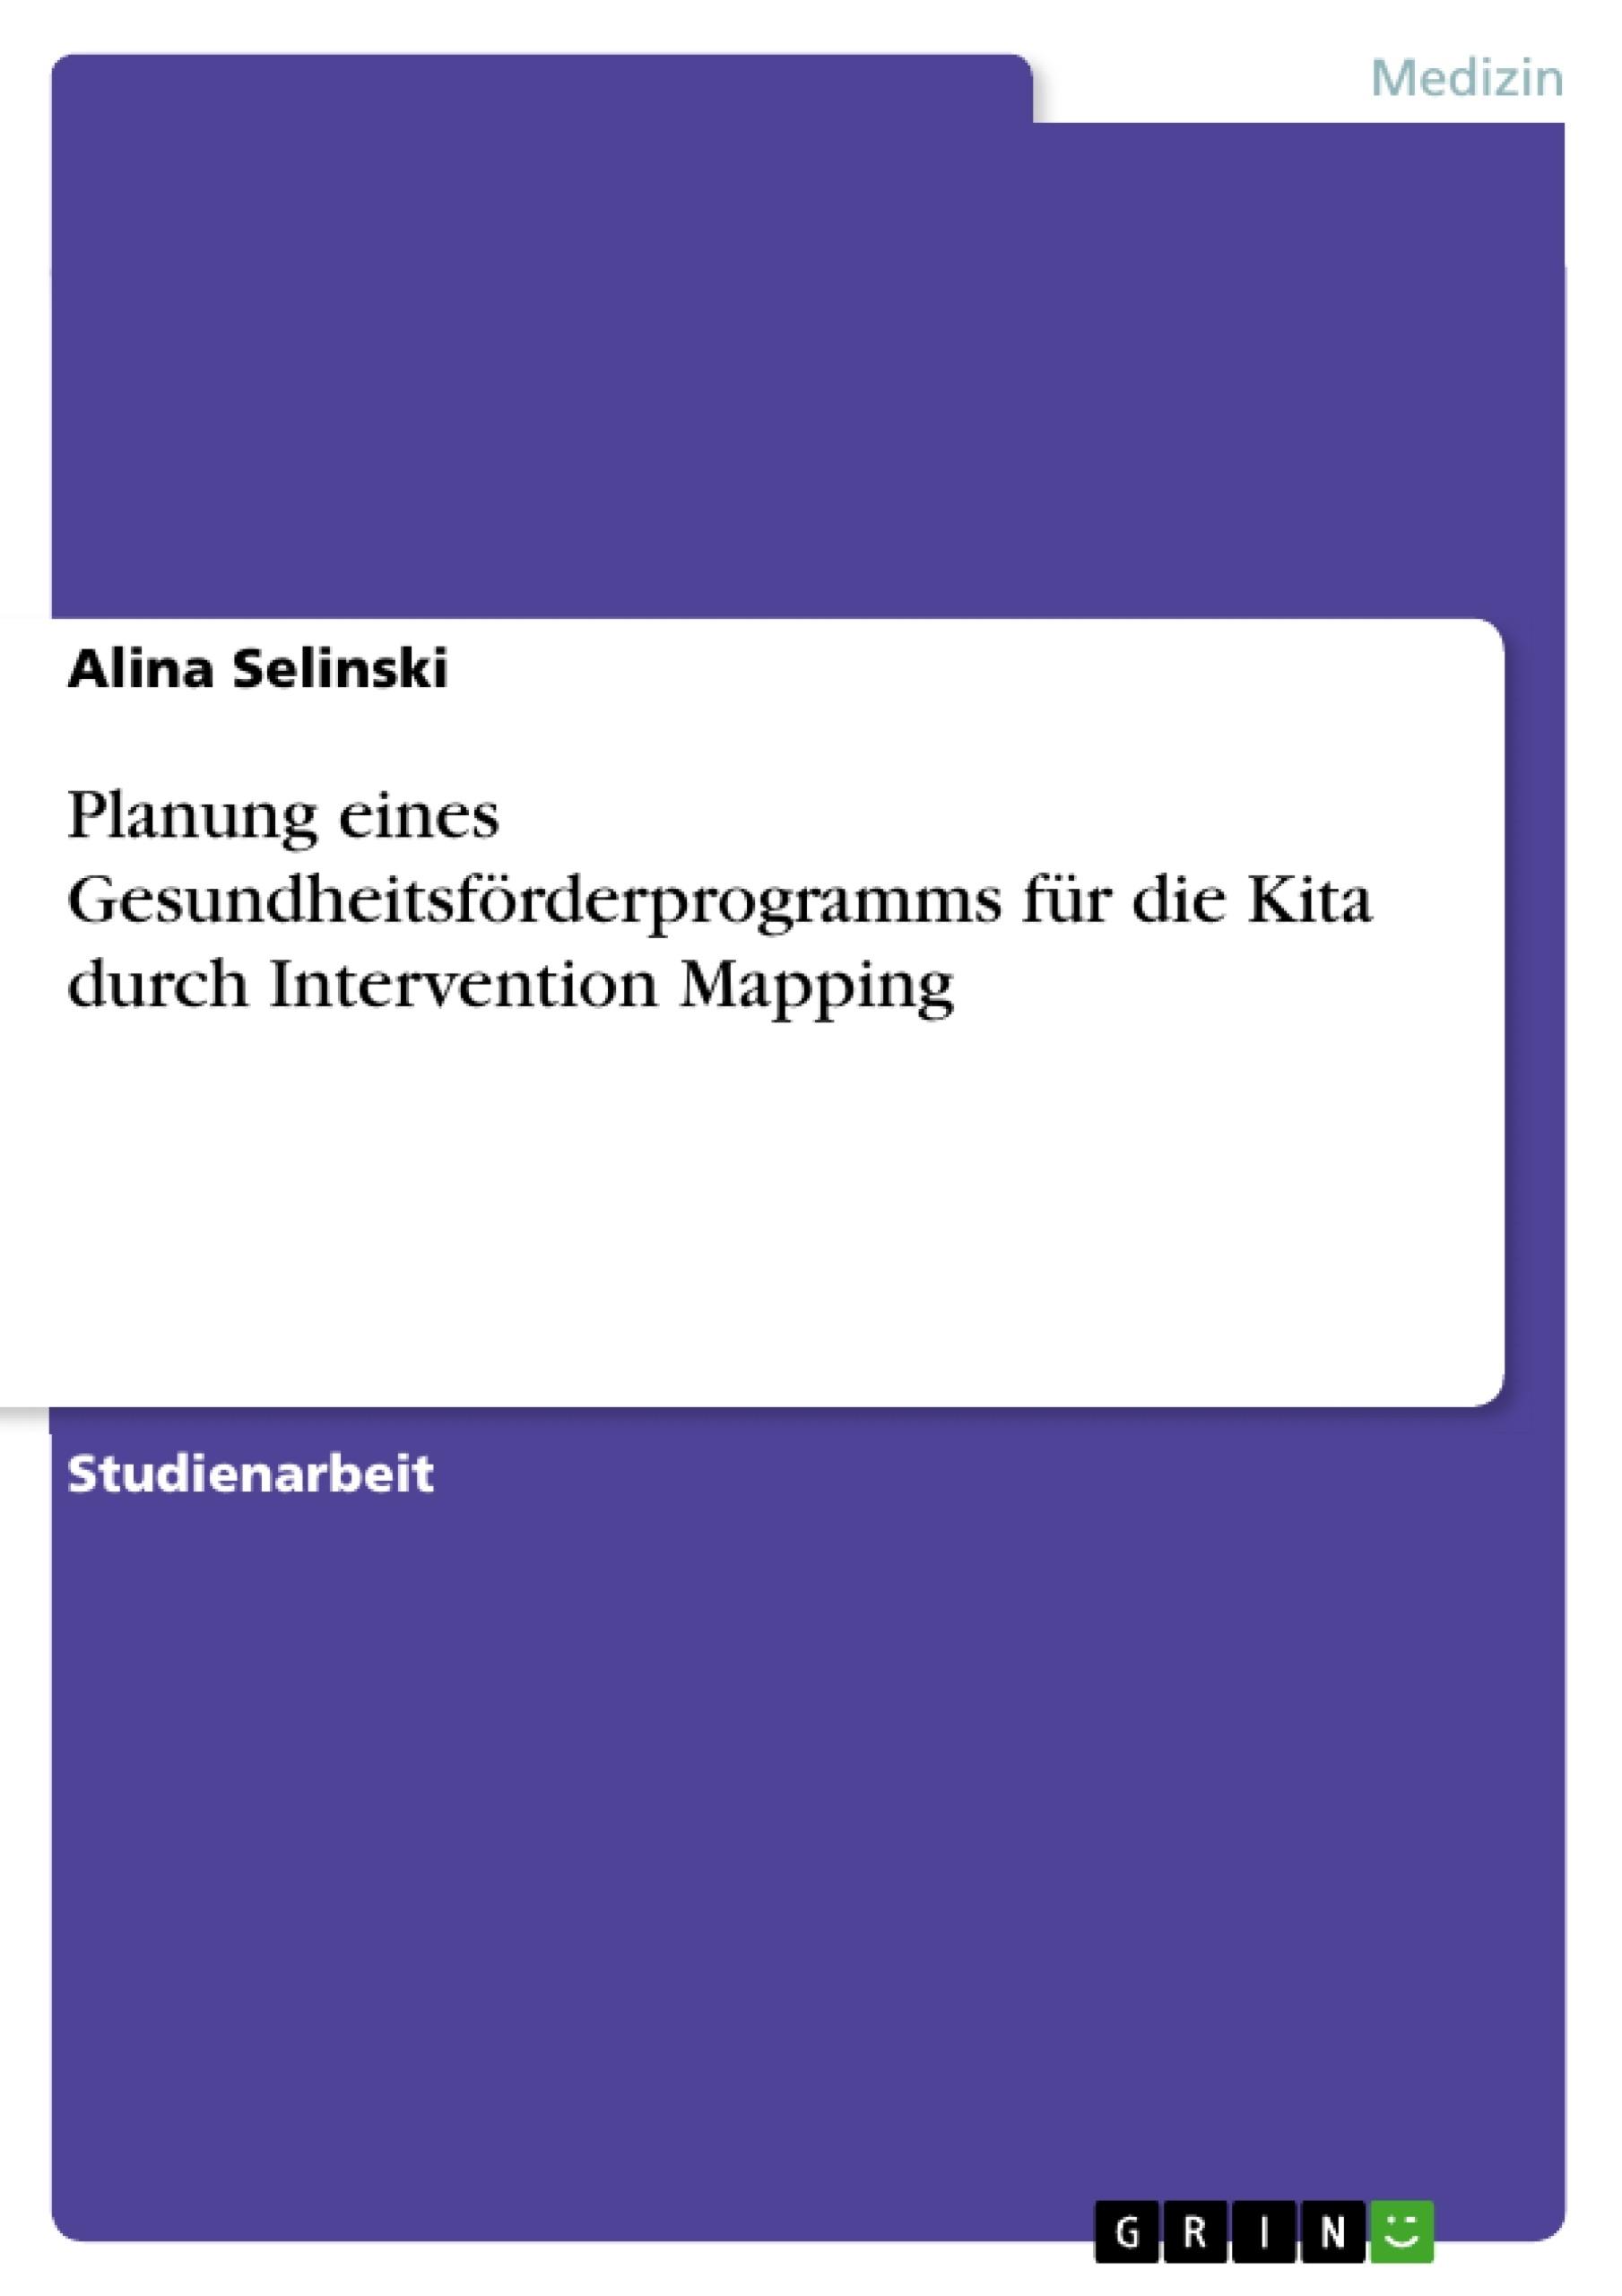 Titel: Planung eines Gesundheitsförderprogramms für die Kita durch Intervention Mapping